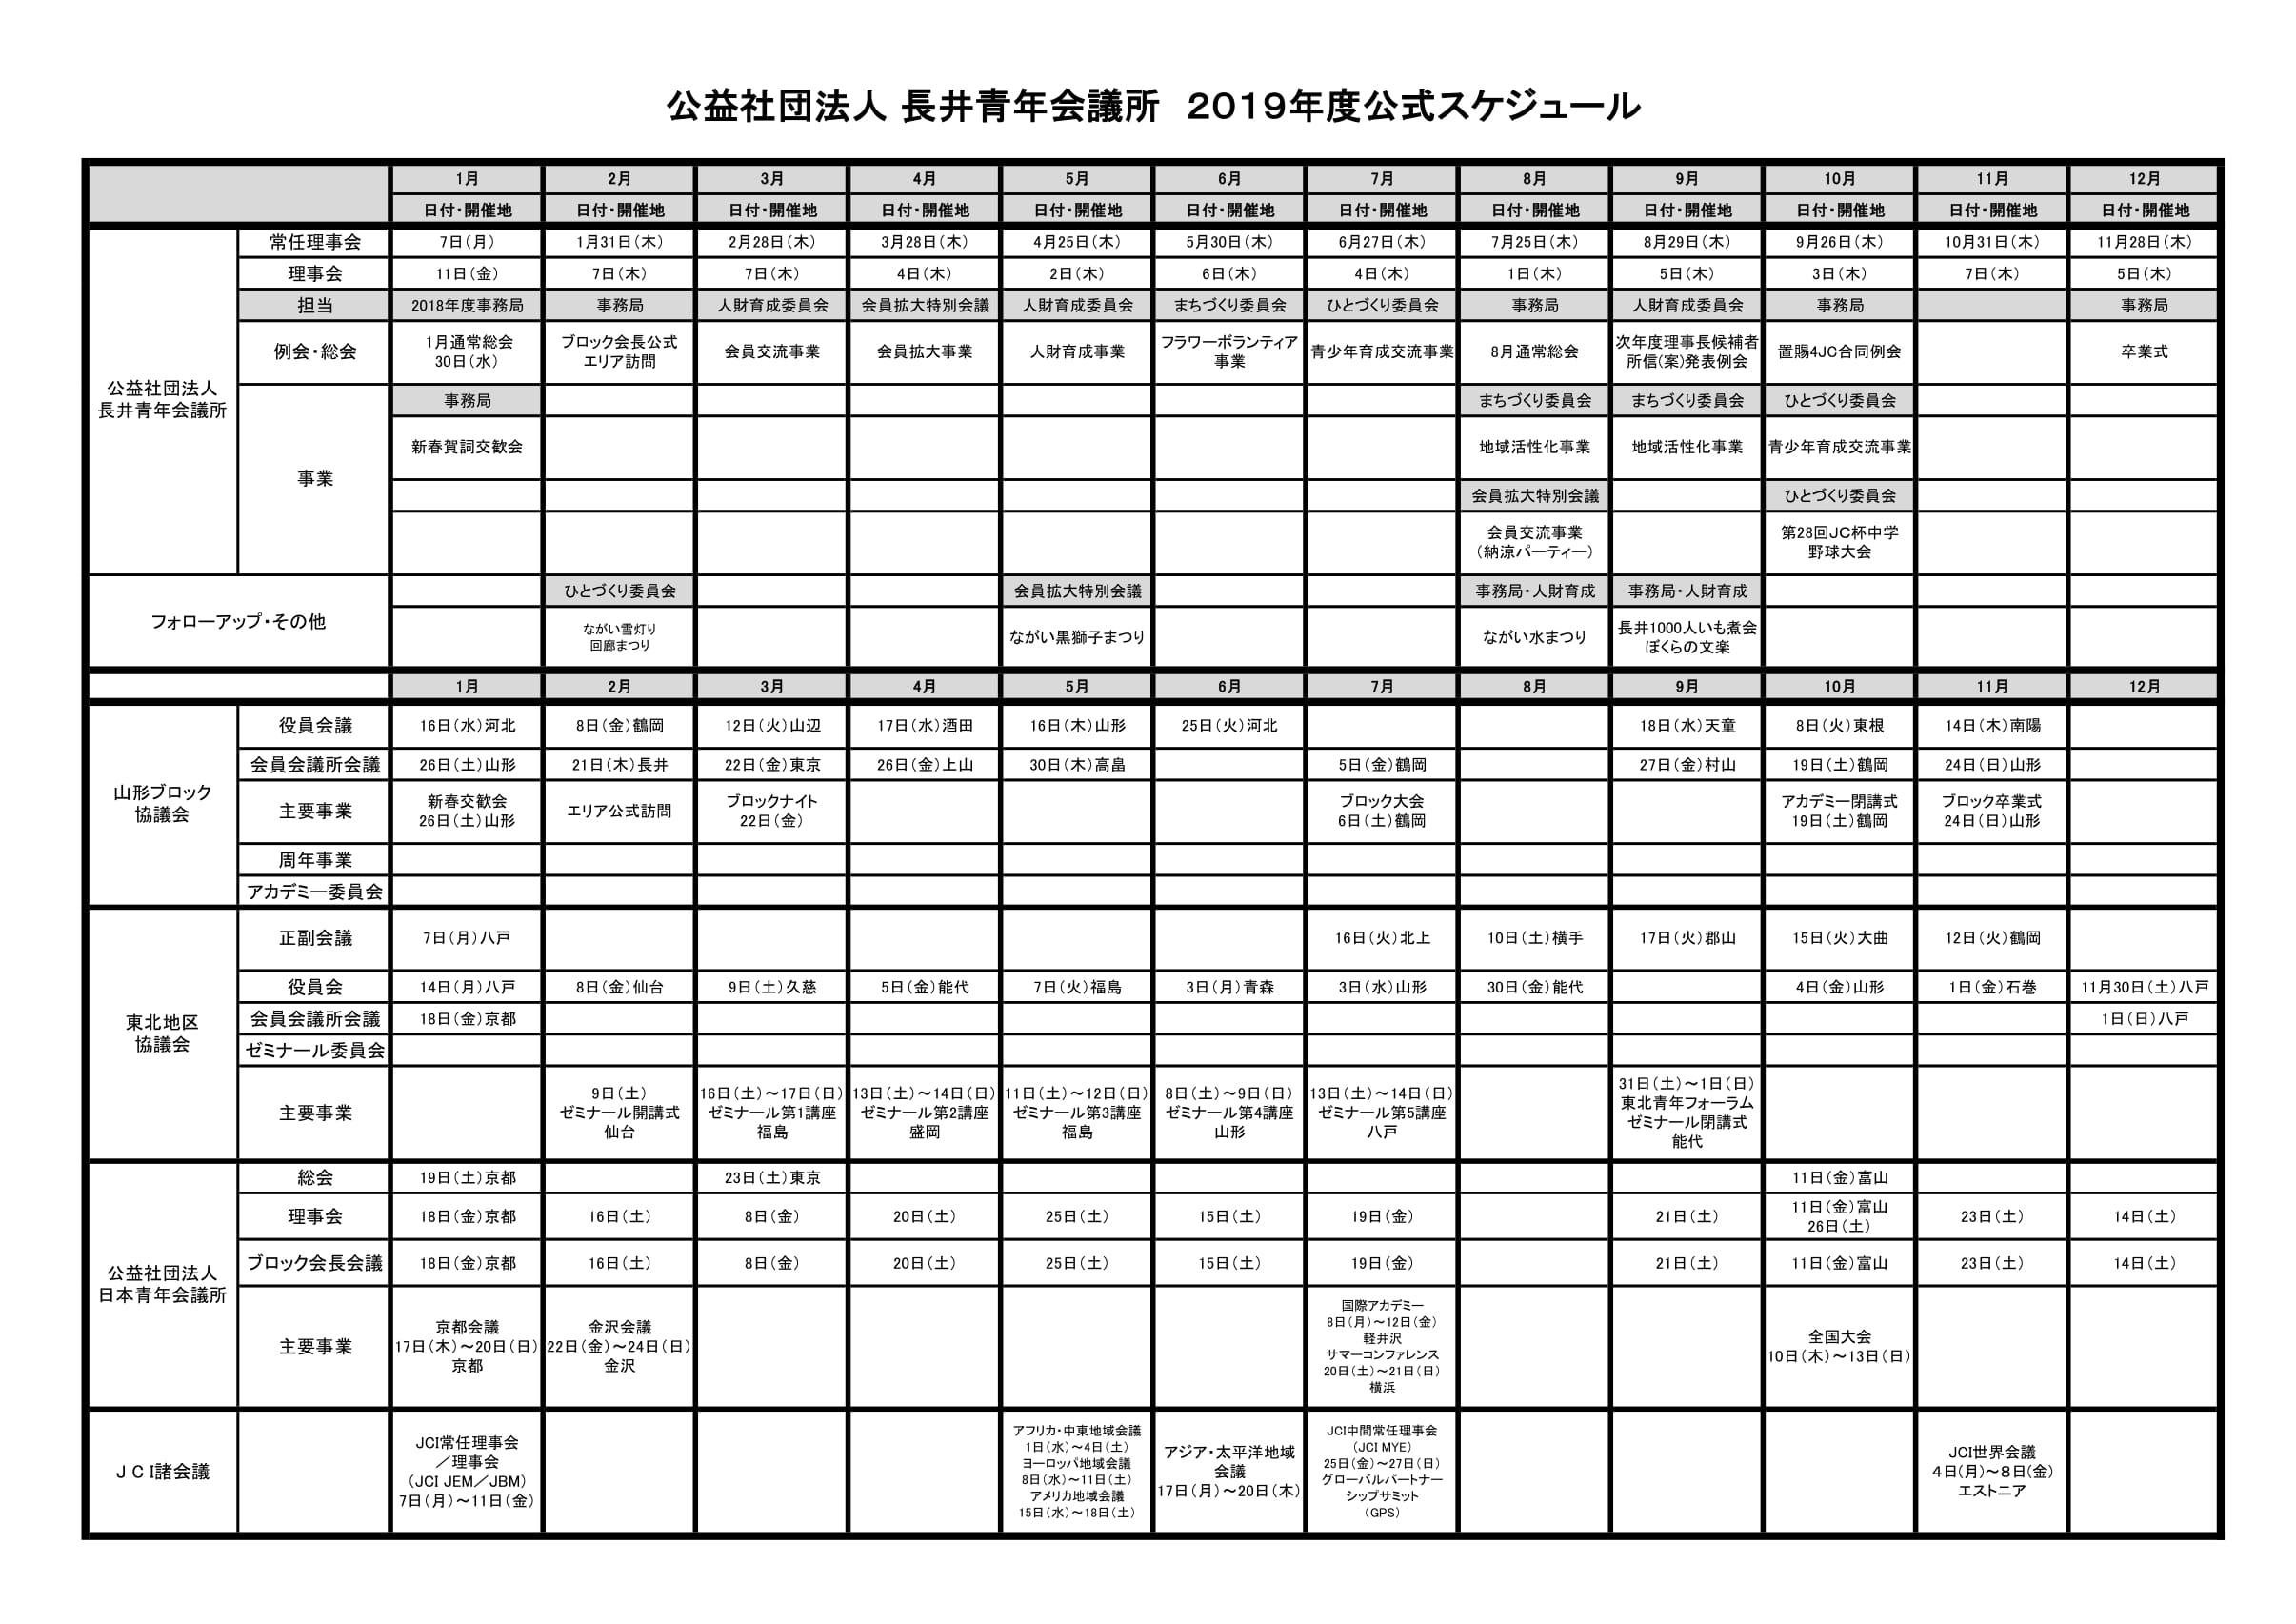 長井青年会議所 2019年公式スケジュール:画像